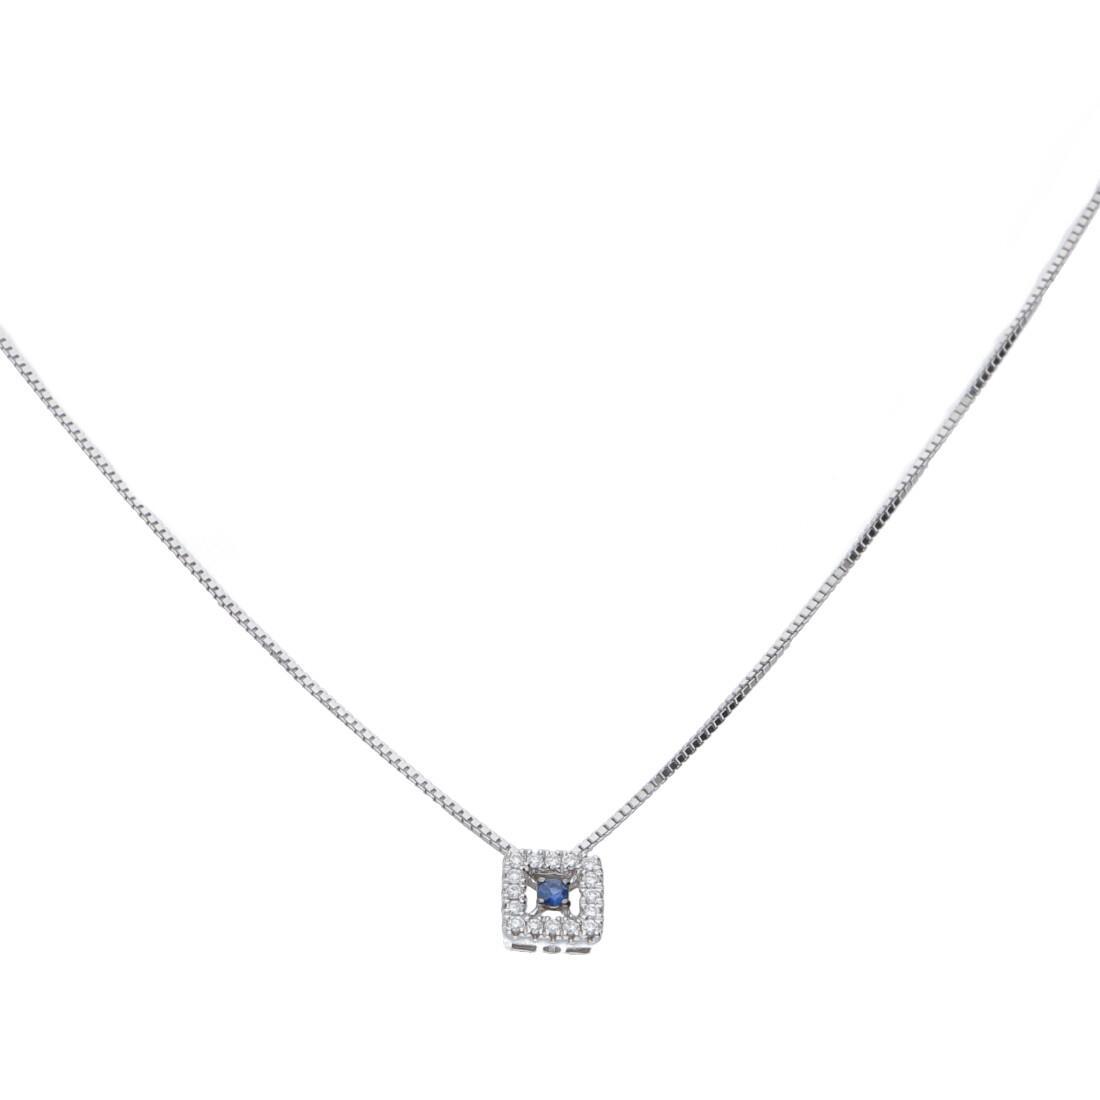 Collana in oro bianco con pendente con diamanti ct 0.05 e zaffiri - BLISS